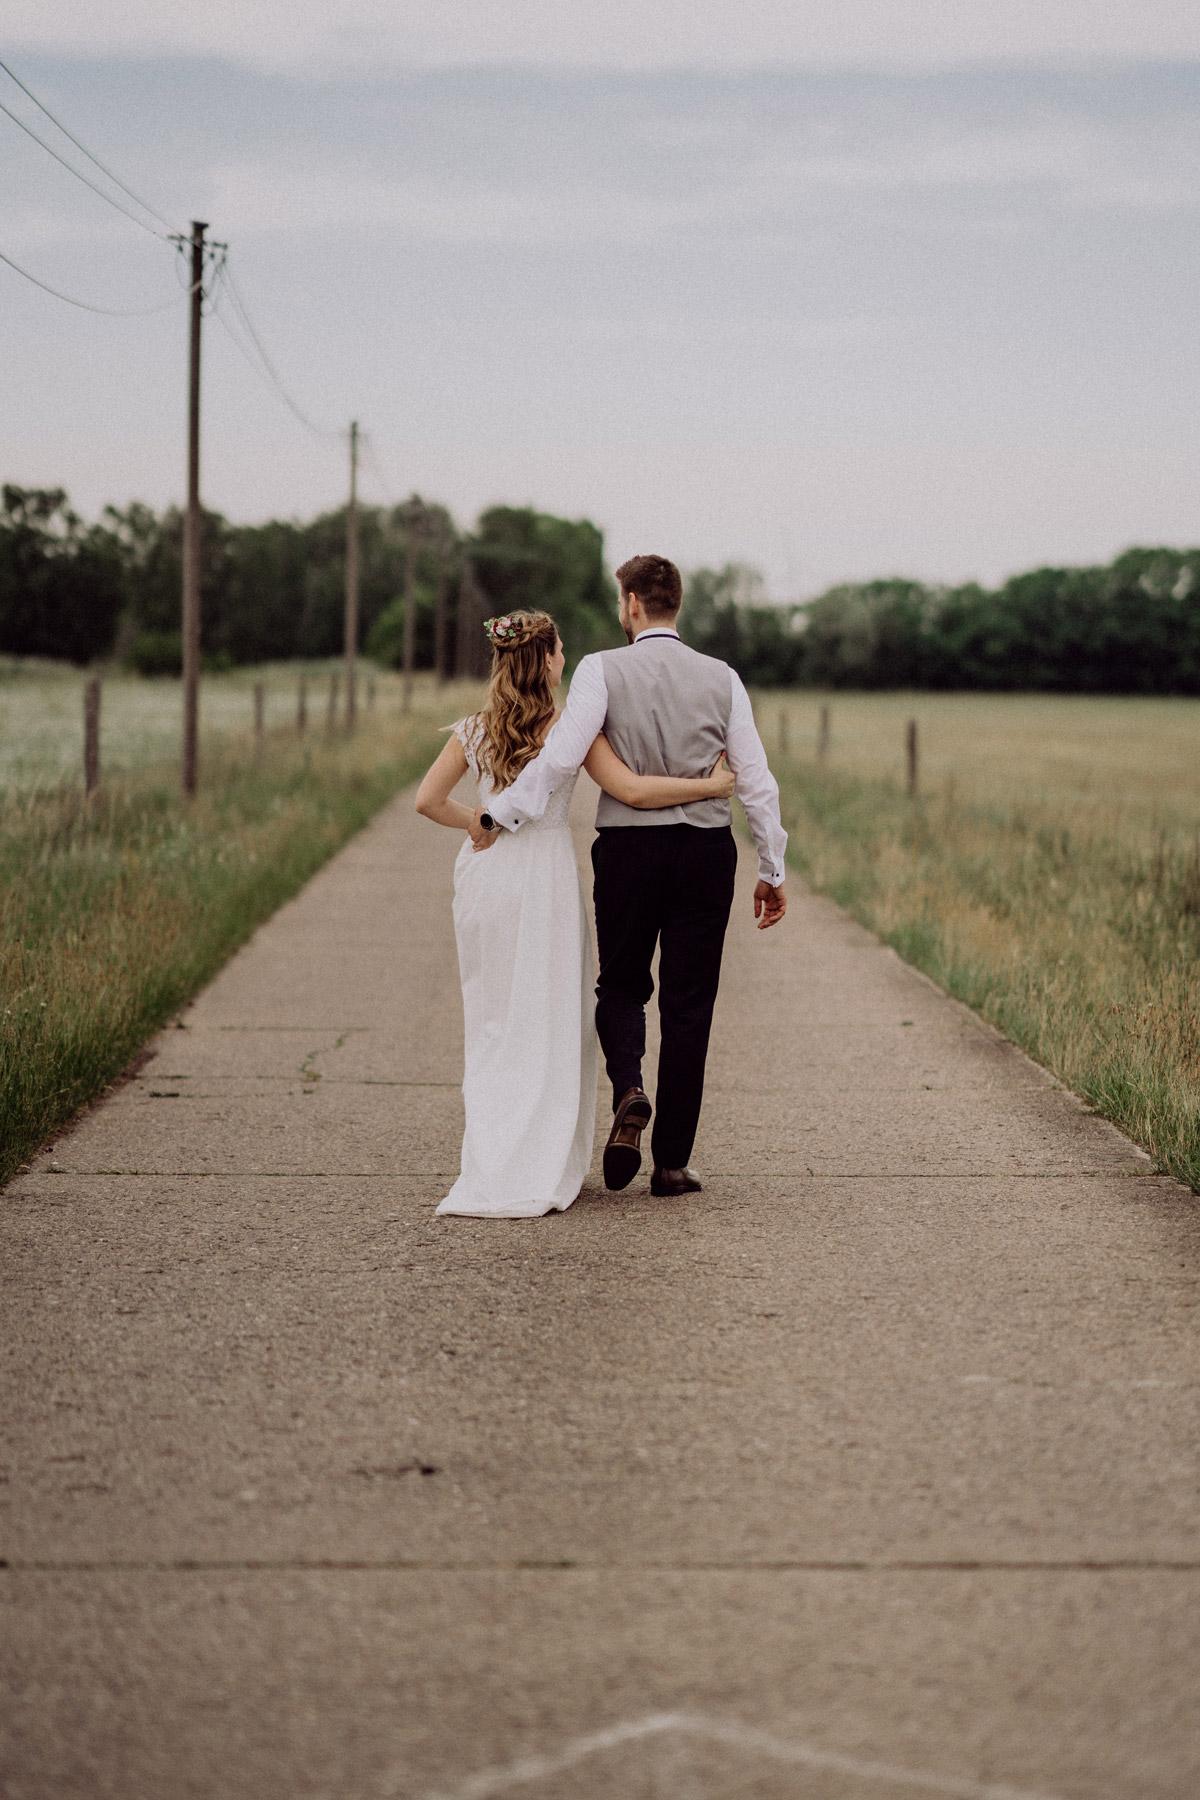 Hochzeitsfotos Ideen, Brautpaar von hinten läuft Arm in Arm auf Weg